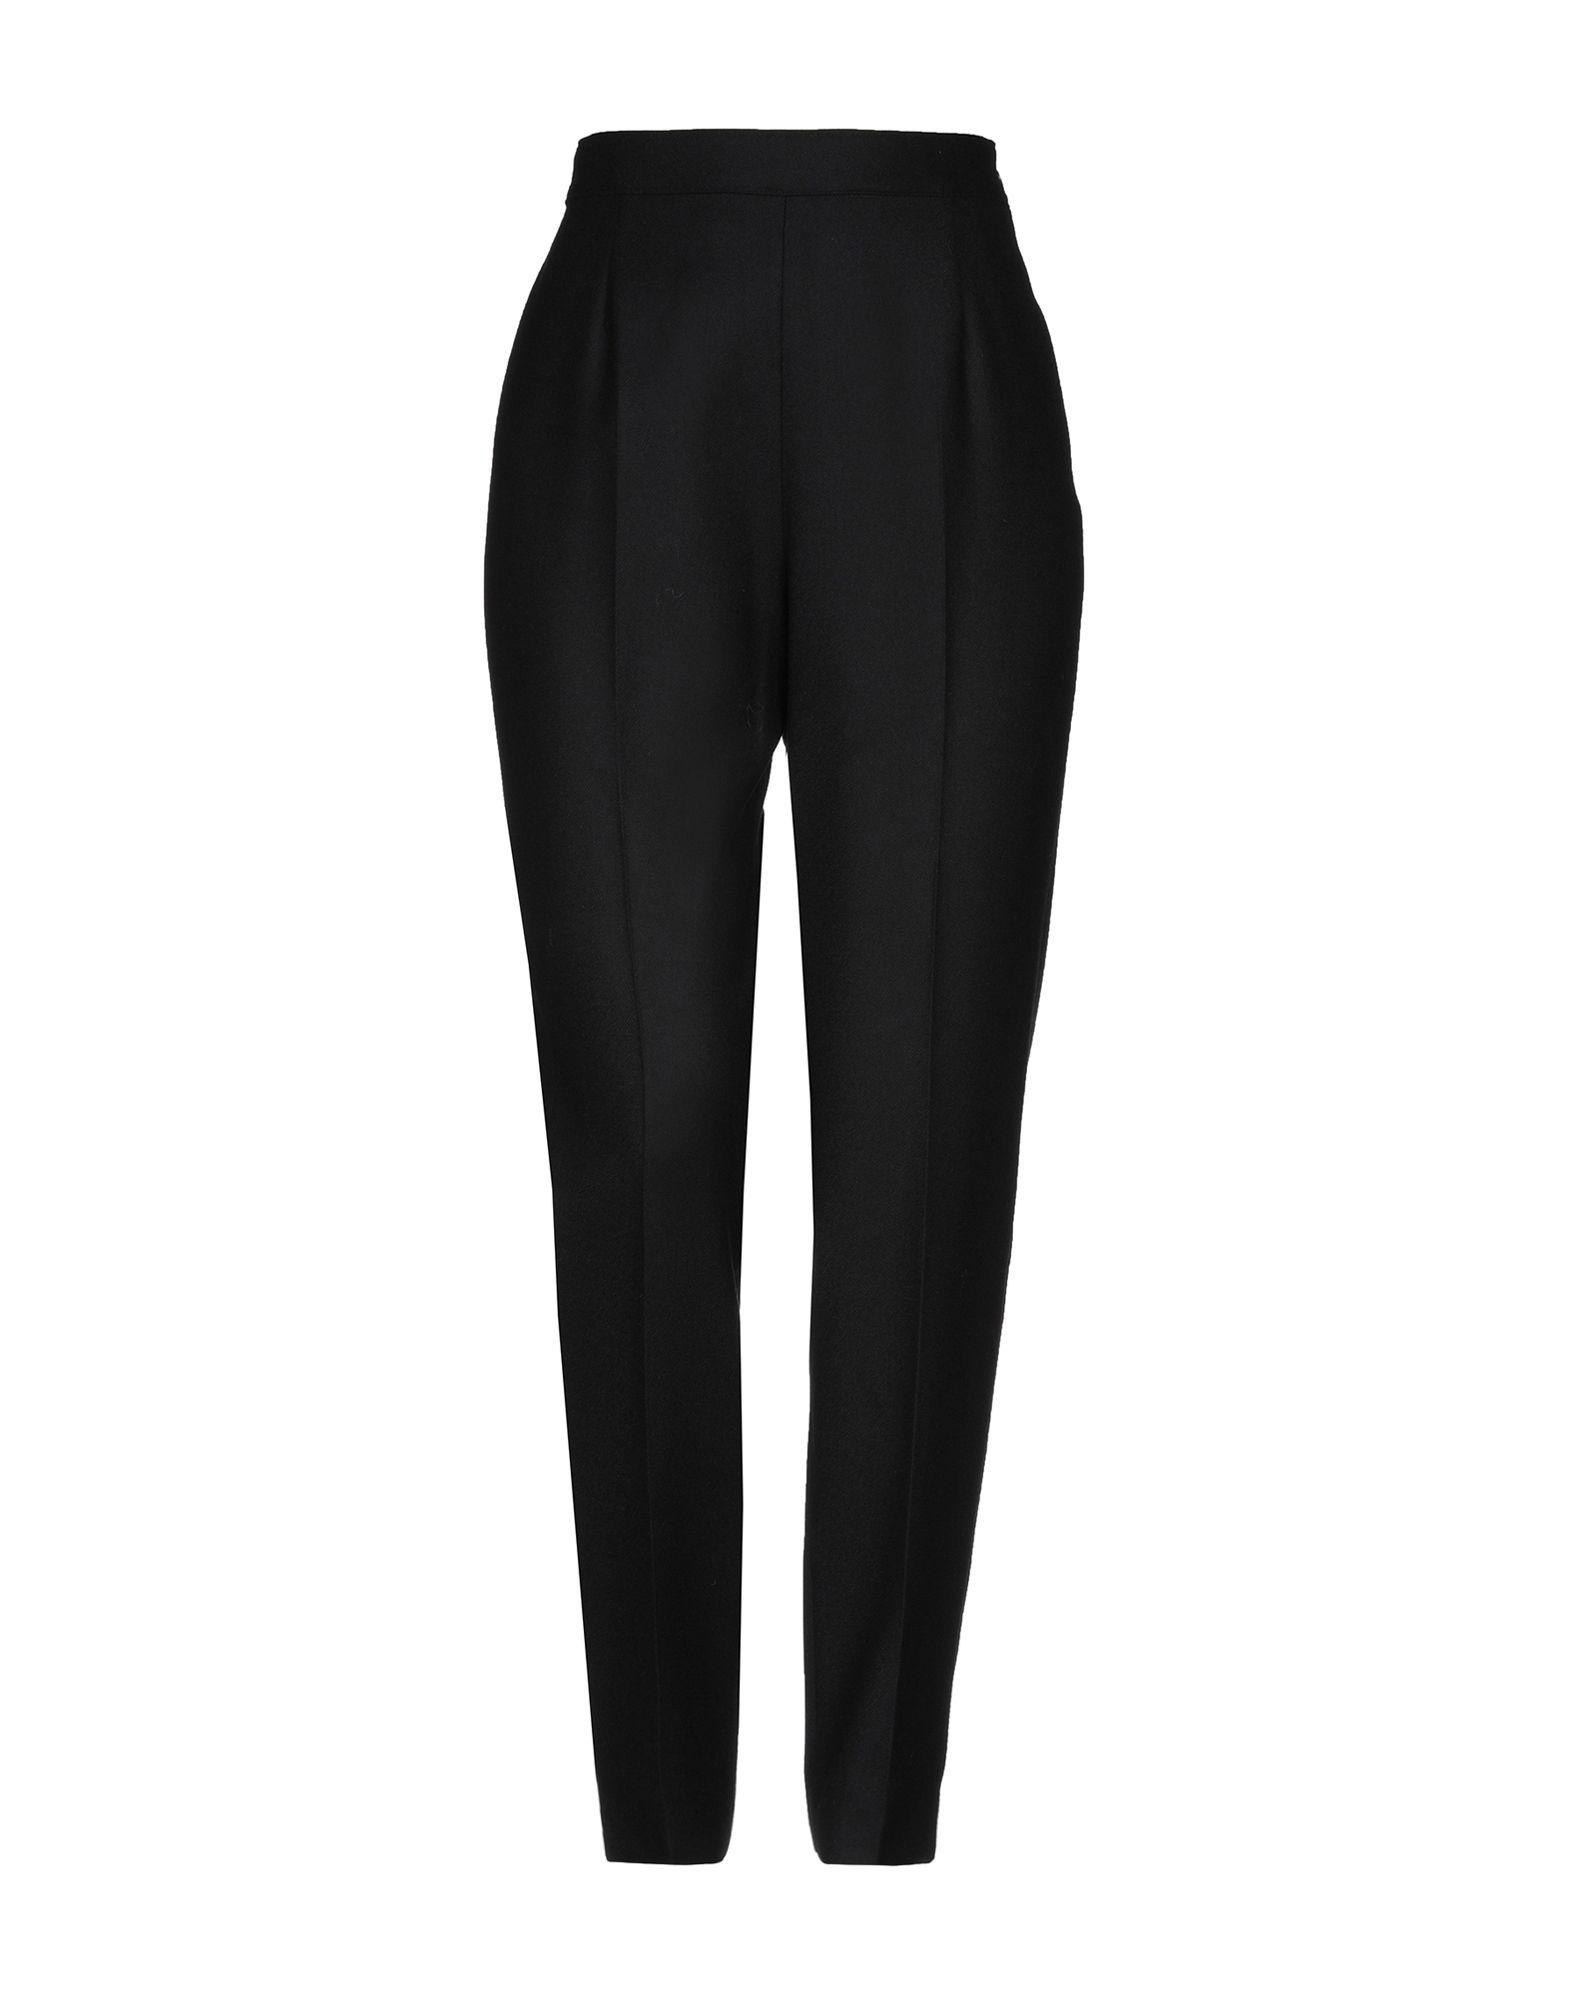 LAURA LINDOR | LAURA LINDOR Casual pants | Goxip